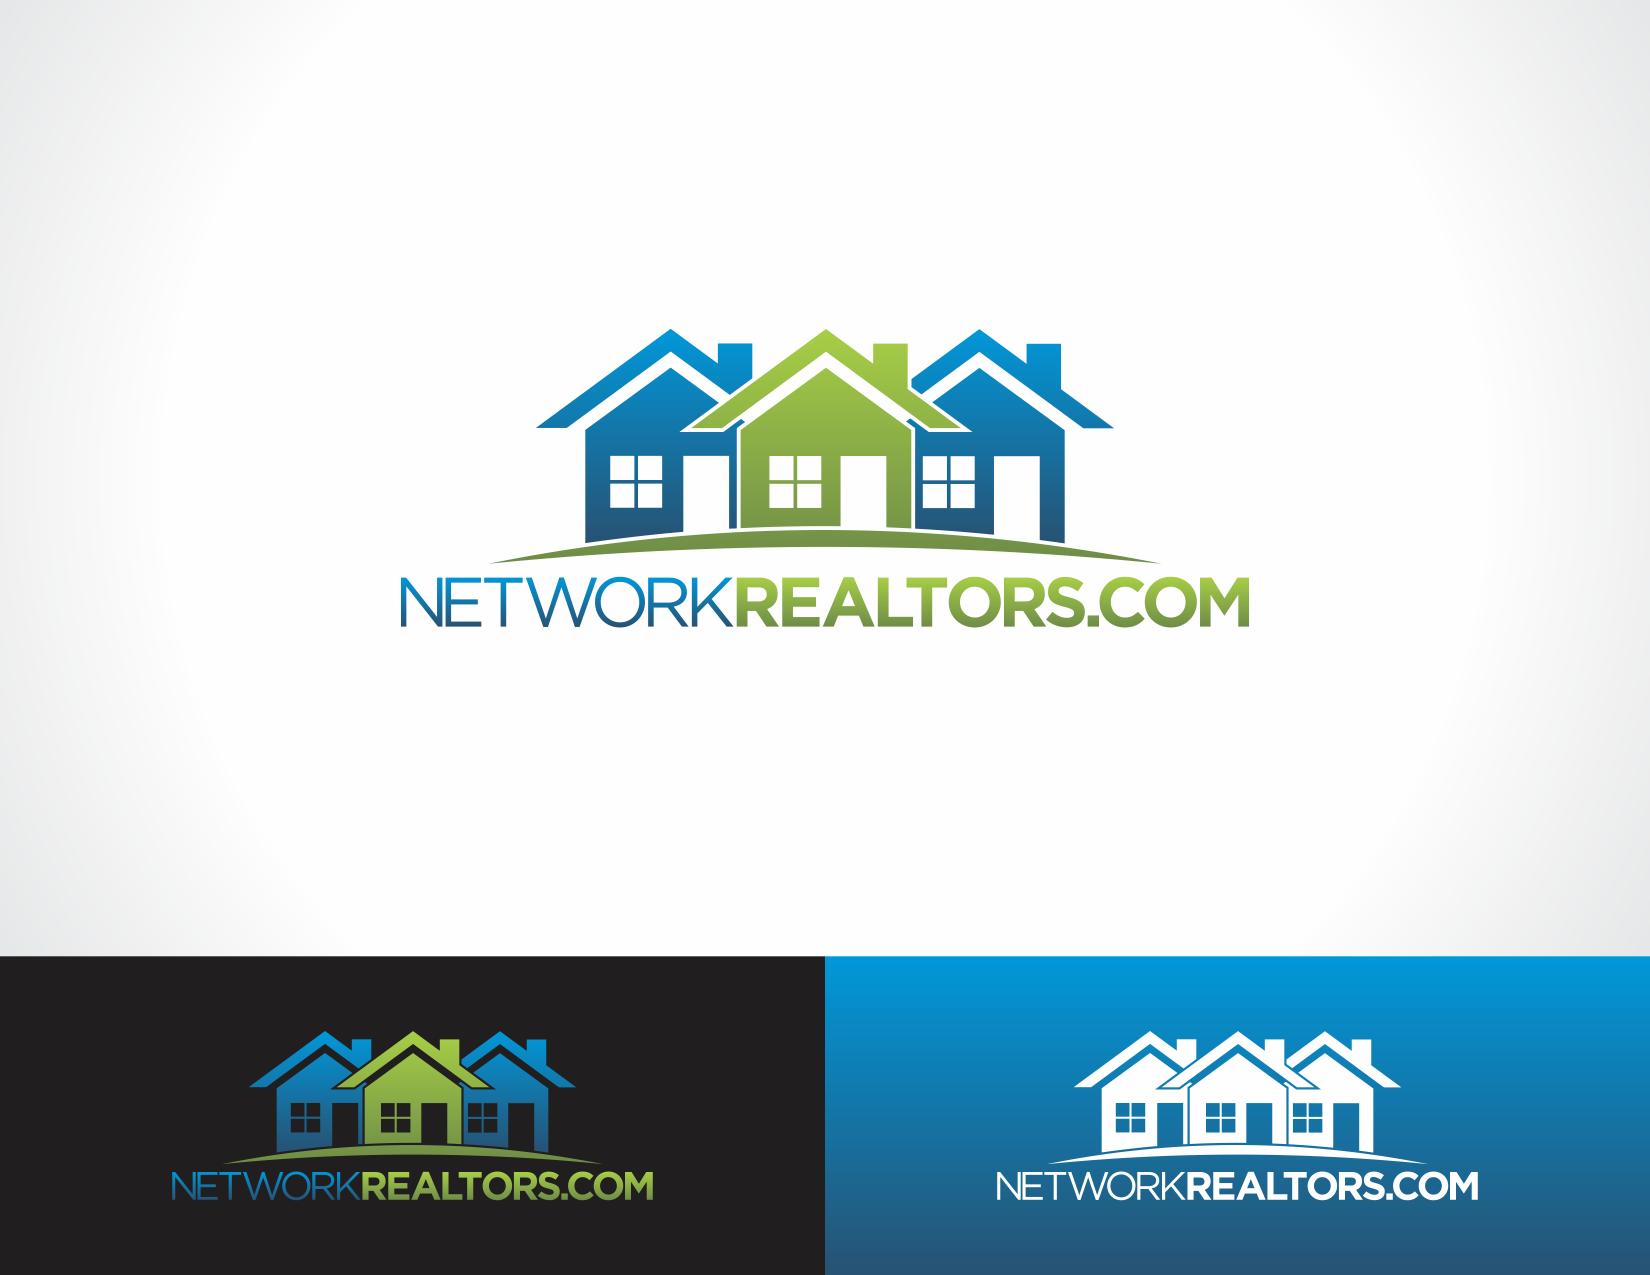 Help NetworkRealtors.com with a new logo